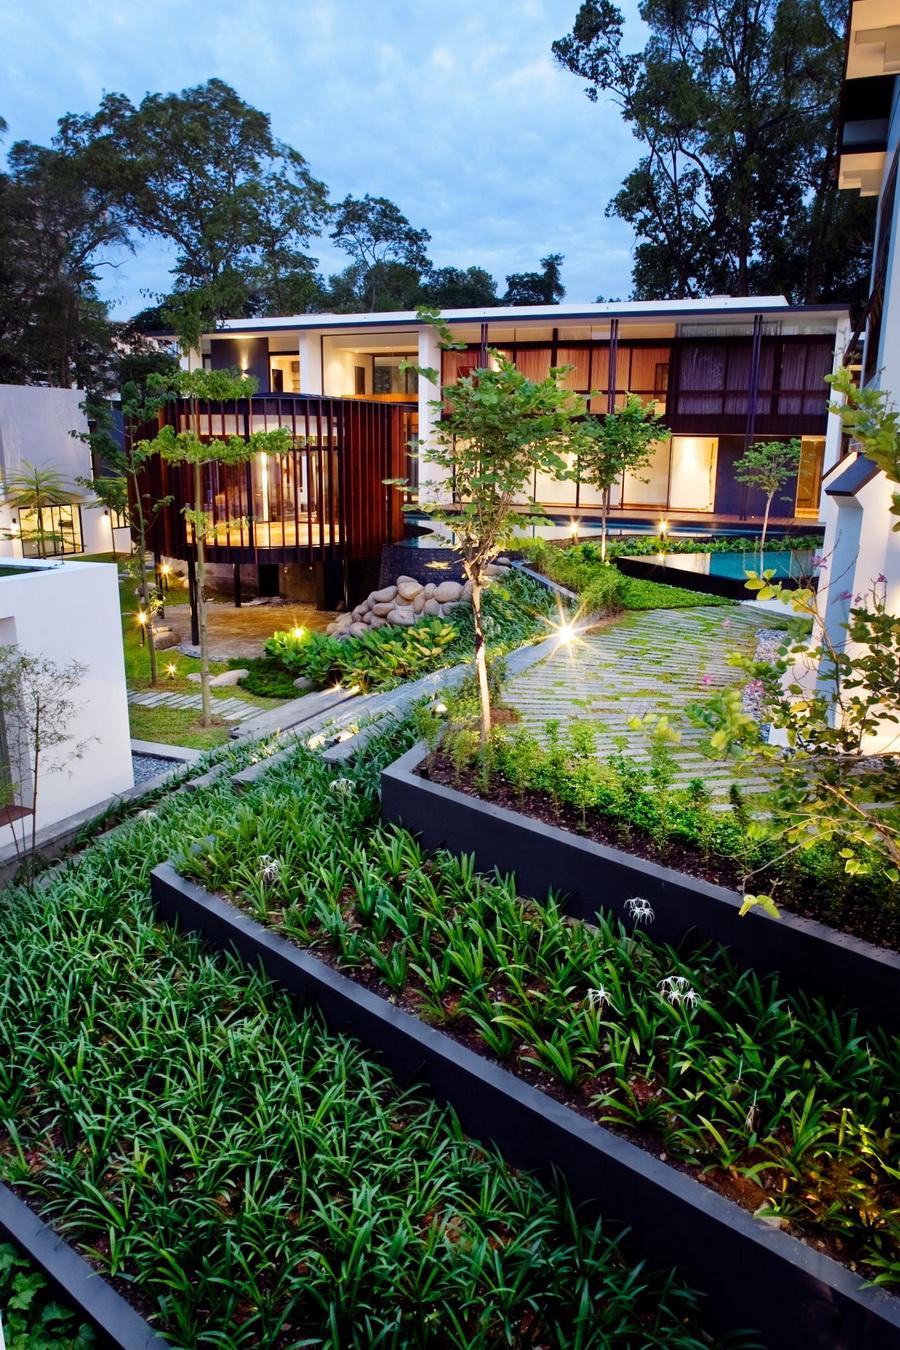 svitlii_prostorii_i_stilnii_bydinok_singapyr_3.jpg